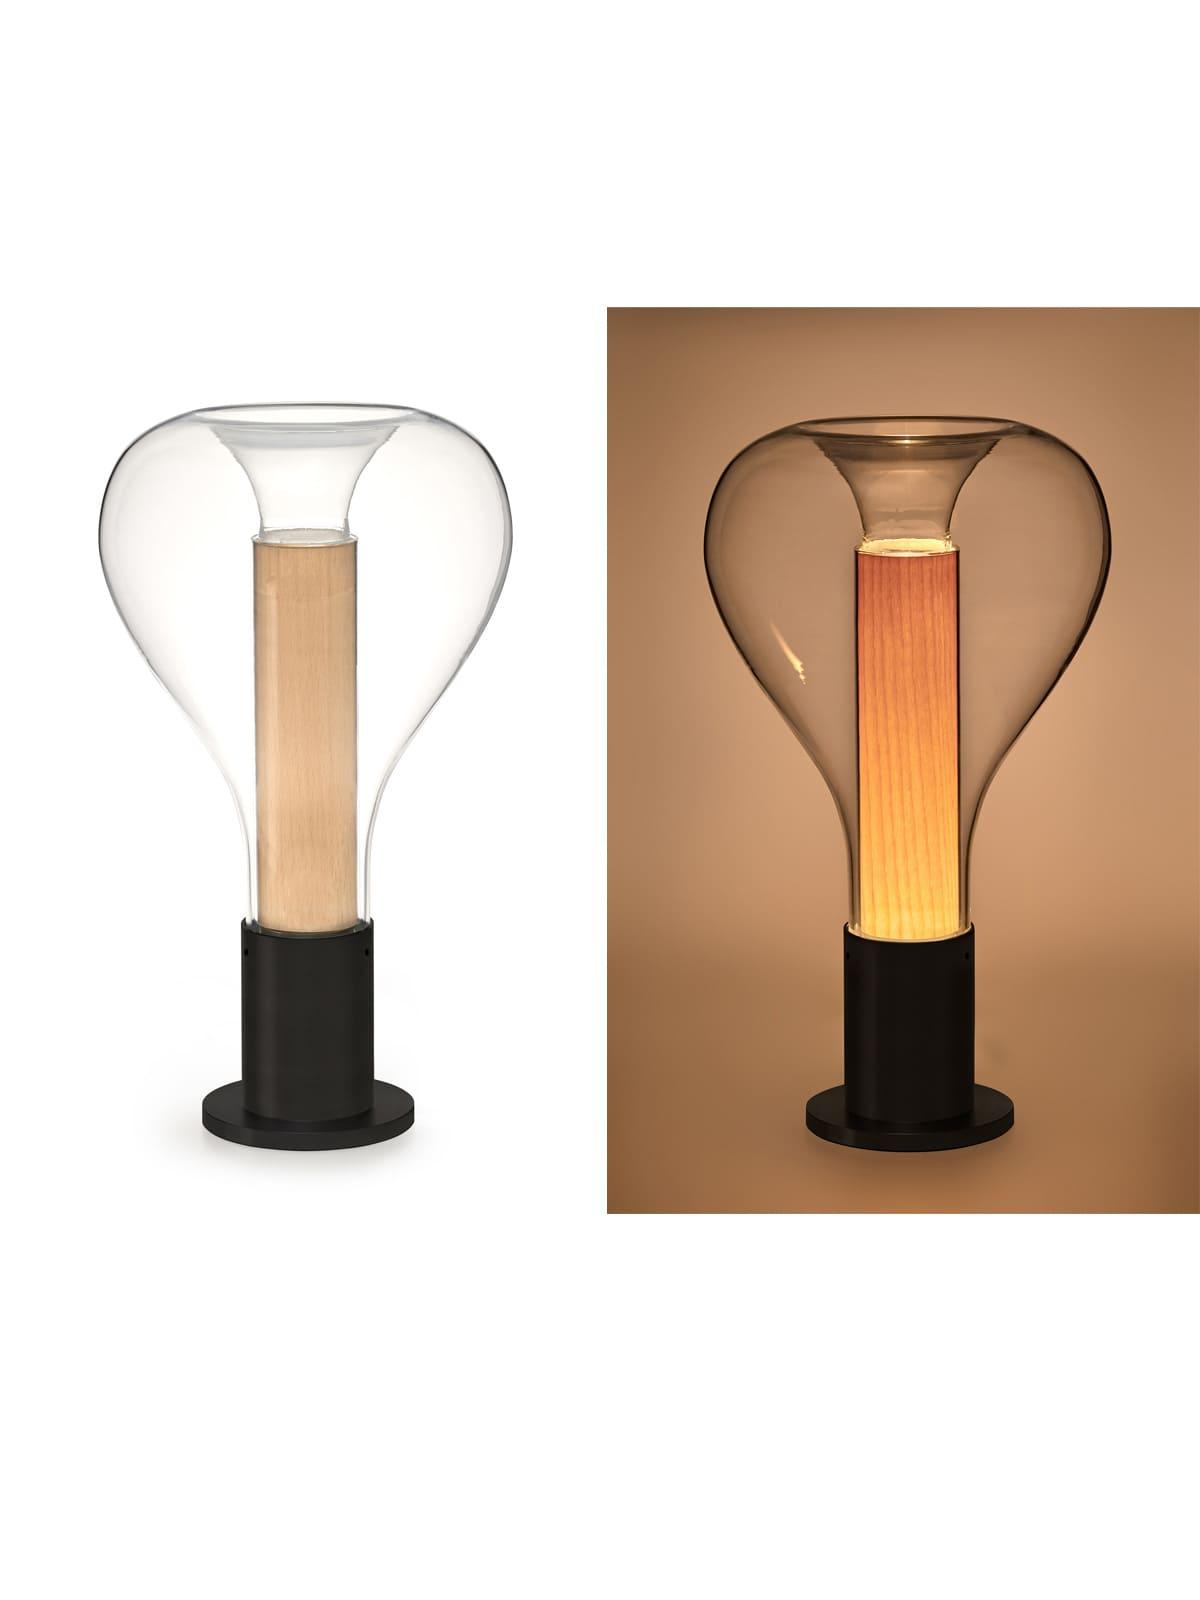 LZF Eris 22 Tischlampe DesignOrt Leuchten Berlin